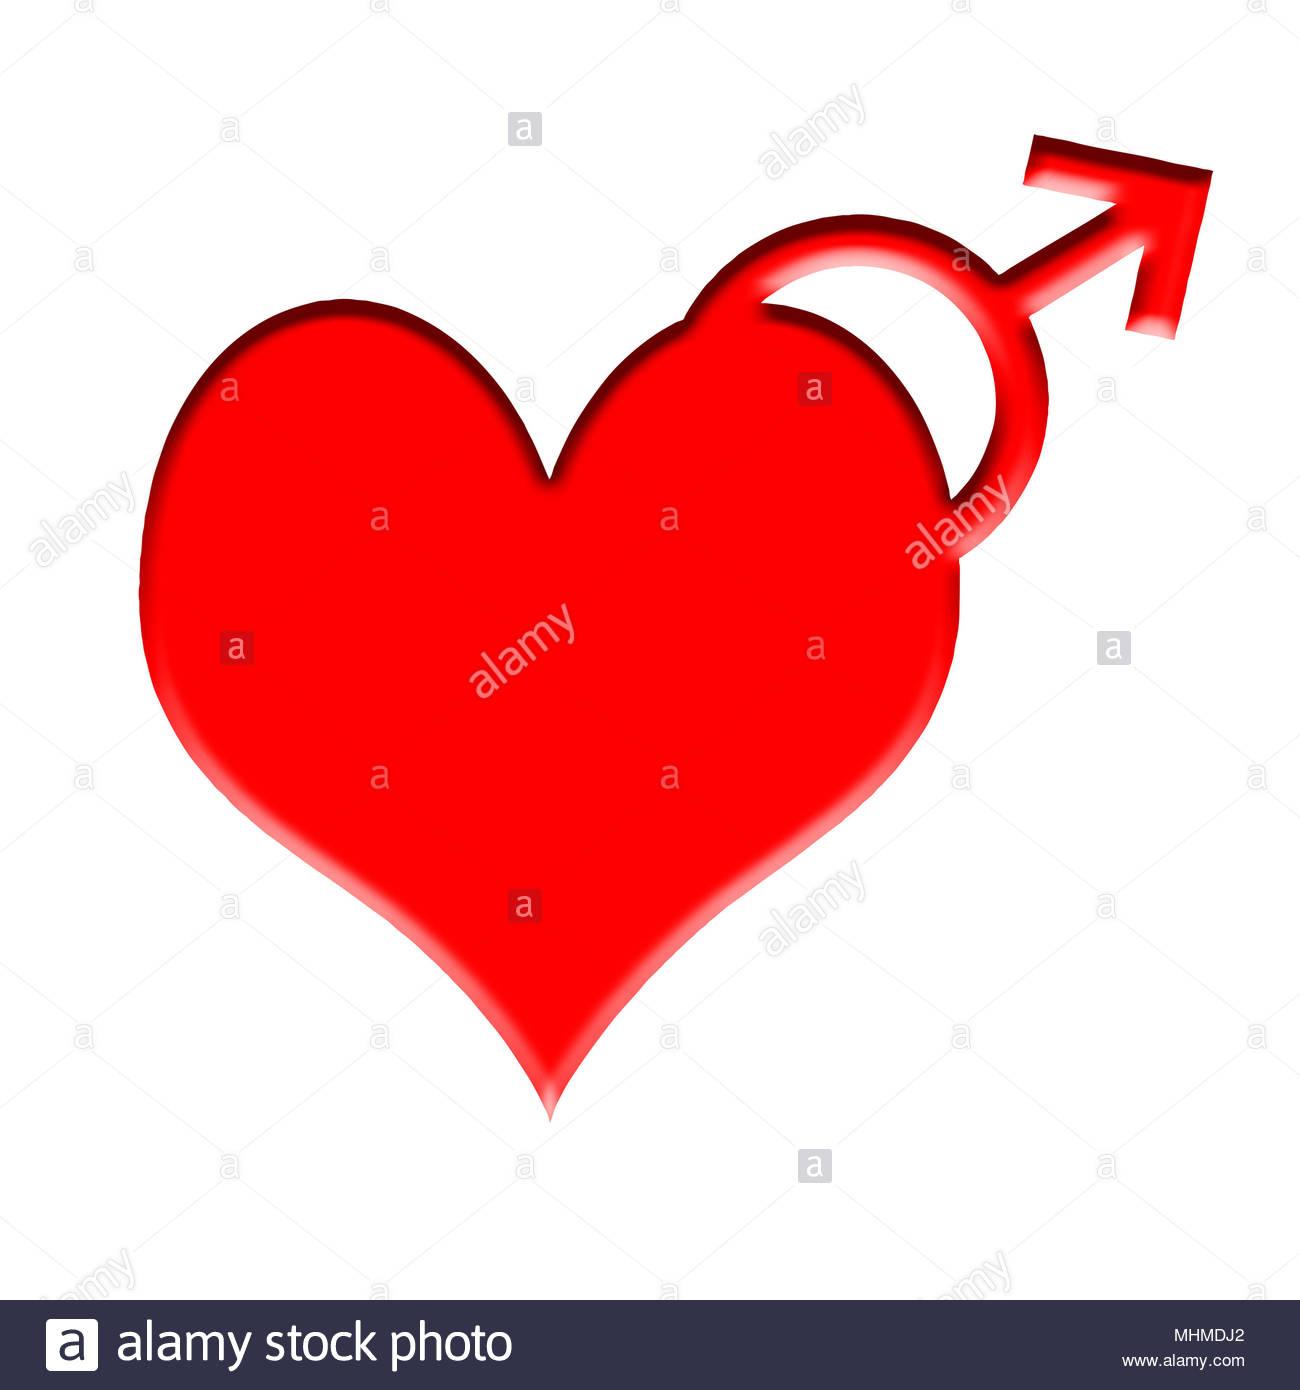 Digital composite Herz mit einem männlichen Symbol - viele kranzartige Probleme und andere Krankheiten sind häufiger in ein Geschlecht als das andere. Trotz dieser m Stockbild